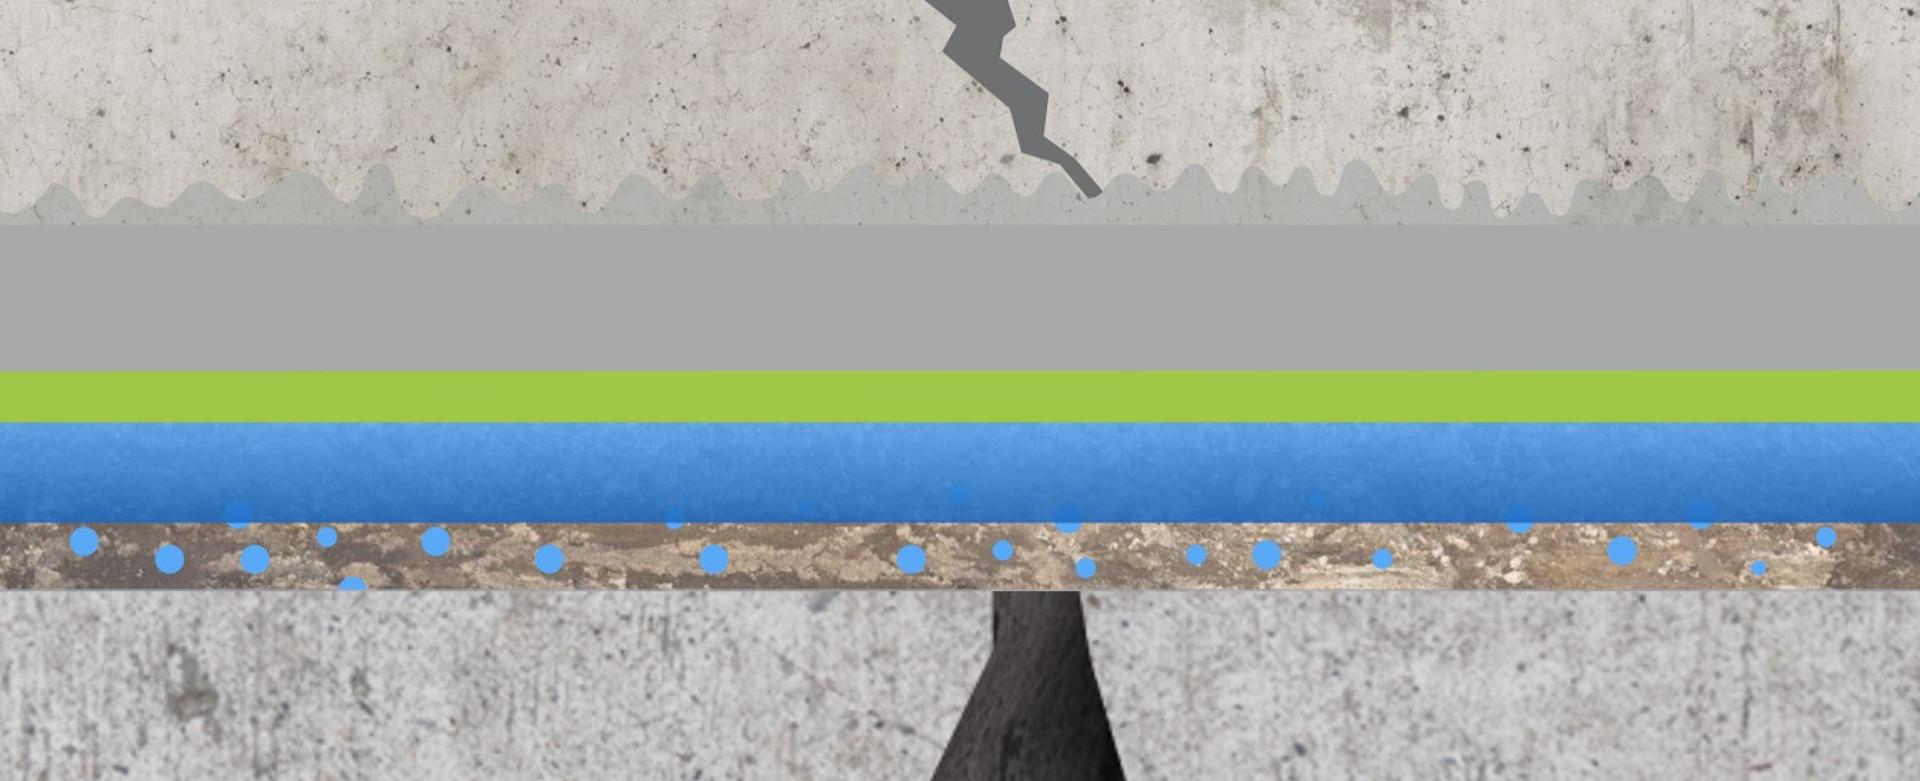 Crack in Cement